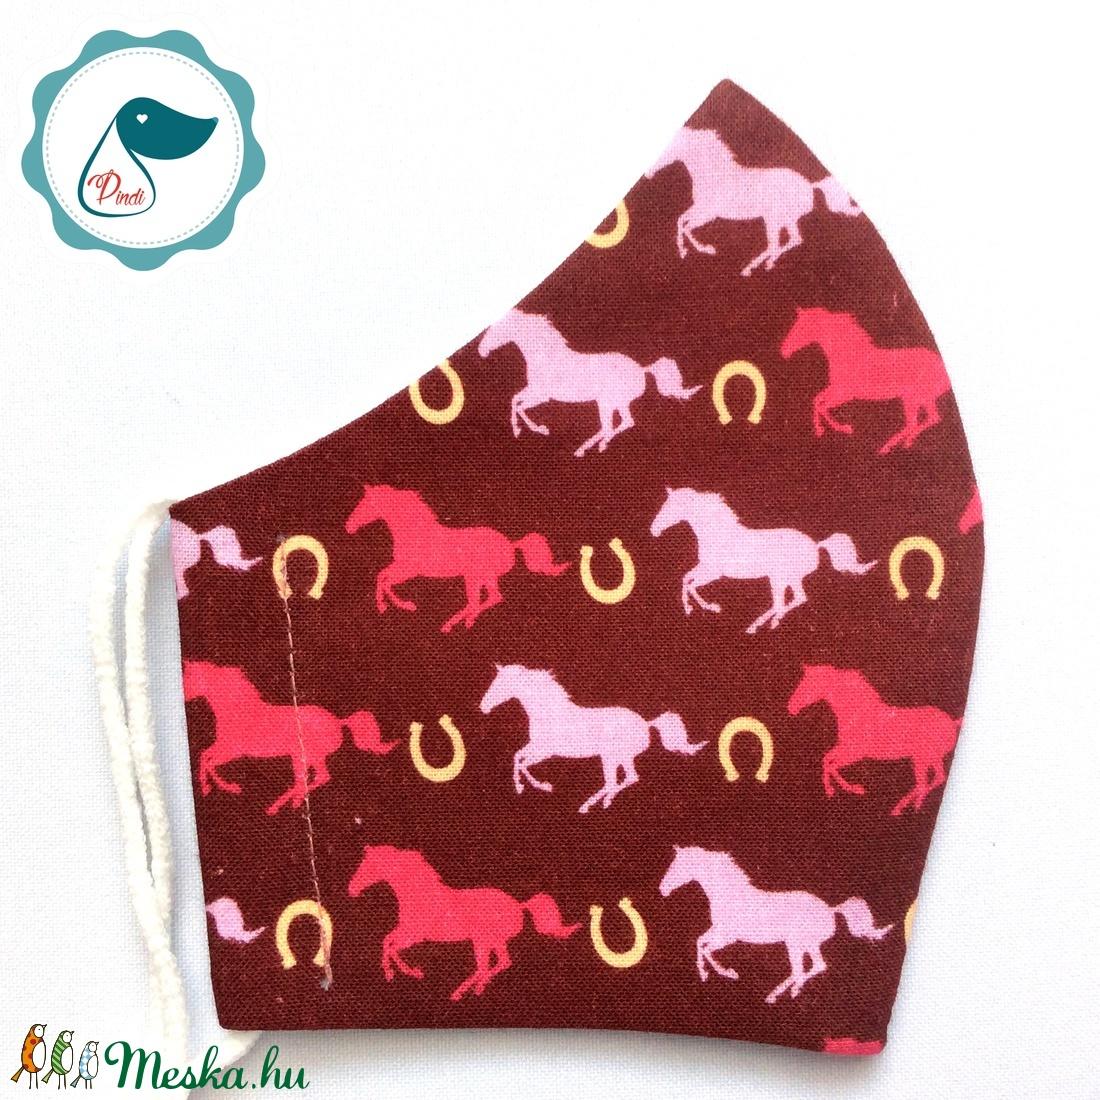 Egyedi lovas maszk - prémium  kiskamasz arcmaszk - textil szájmaszk - egészségügyi szájmaszk - mosható szájmaszk - maszk, arcmaszk - gyerek - Meska.hu